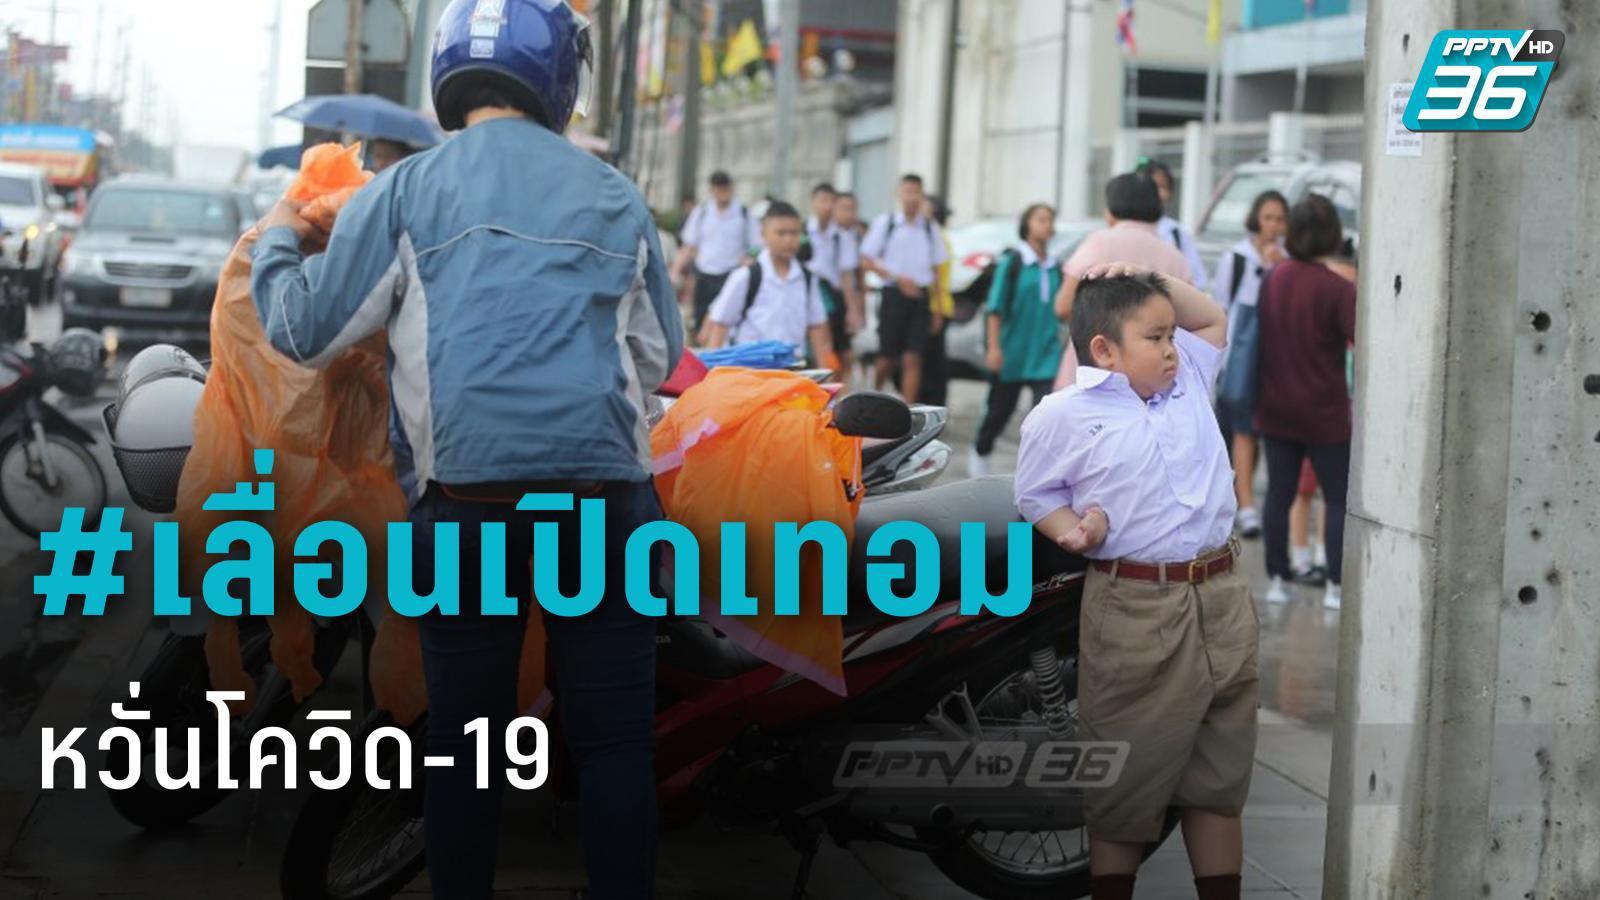 """""""เพื่อไทย"""" ชงเลื่อนเปิดเทอมเป็น 1 ส.ค. หวั่นแพร่เชื้อโควิด-19"""